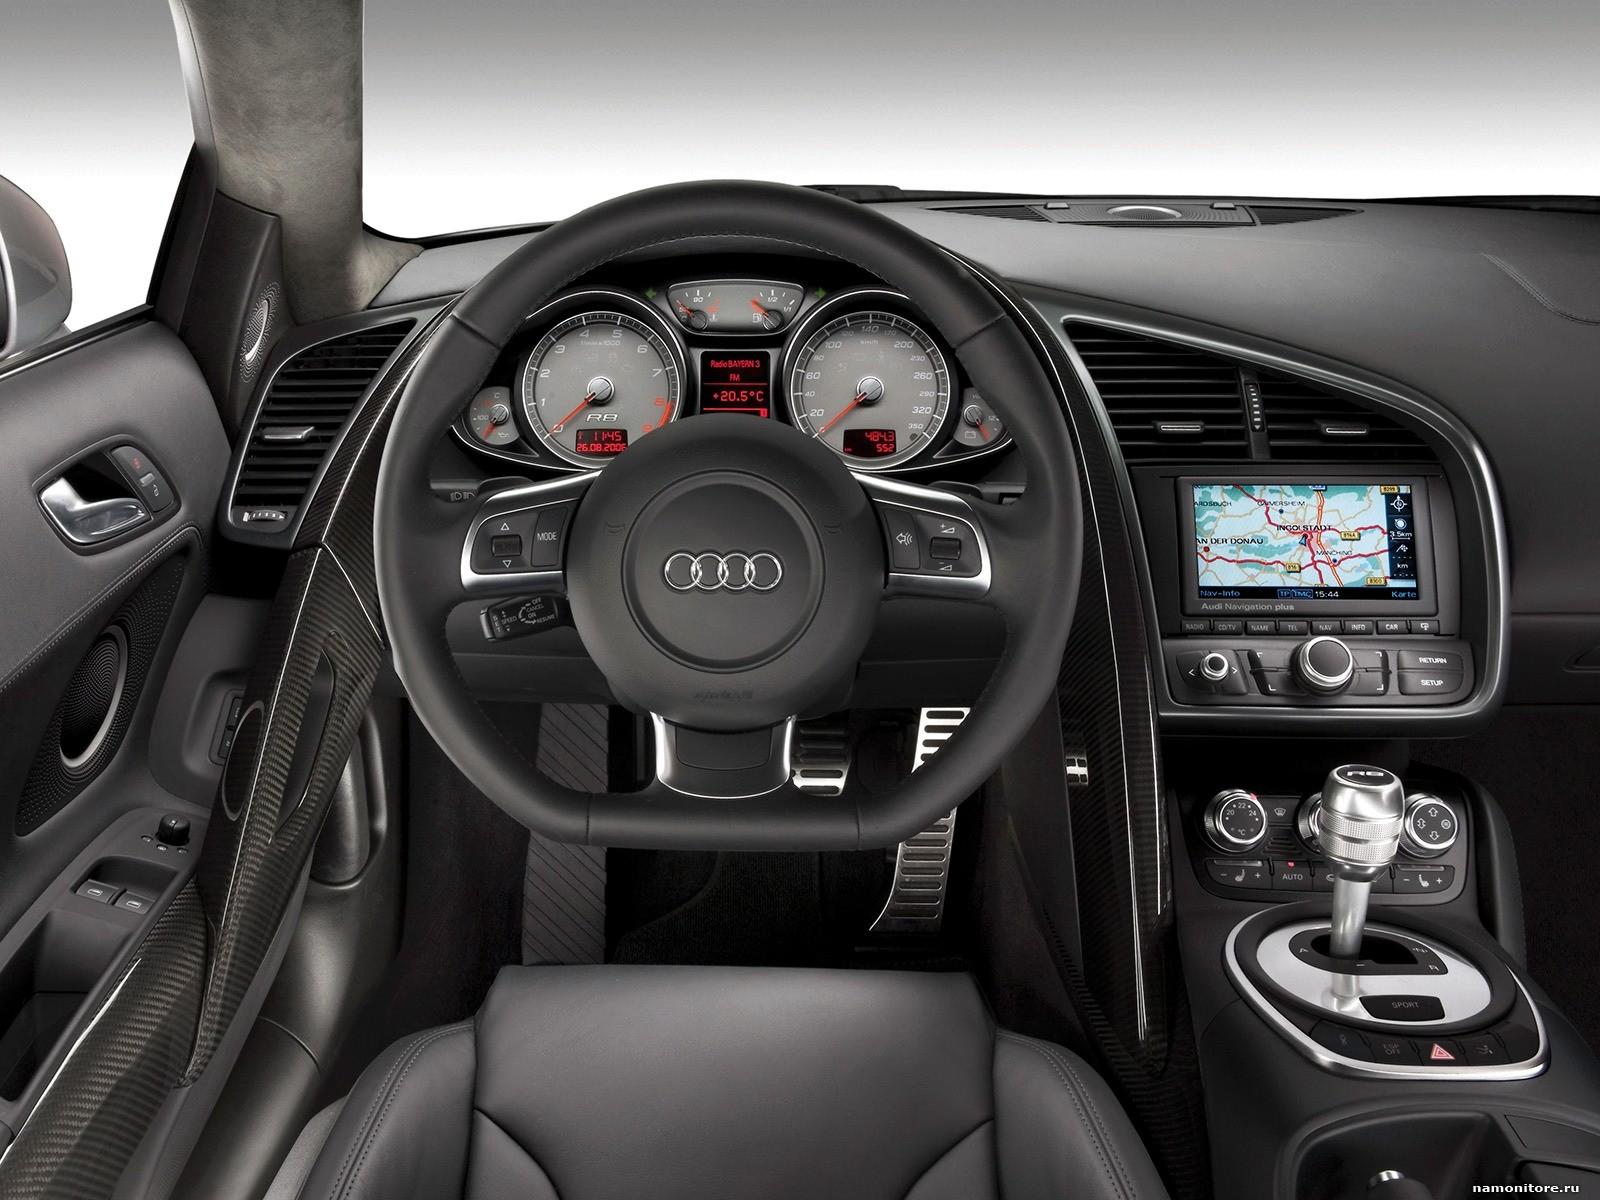 Черный салон Audi, фото в высоком разрешении, скачать